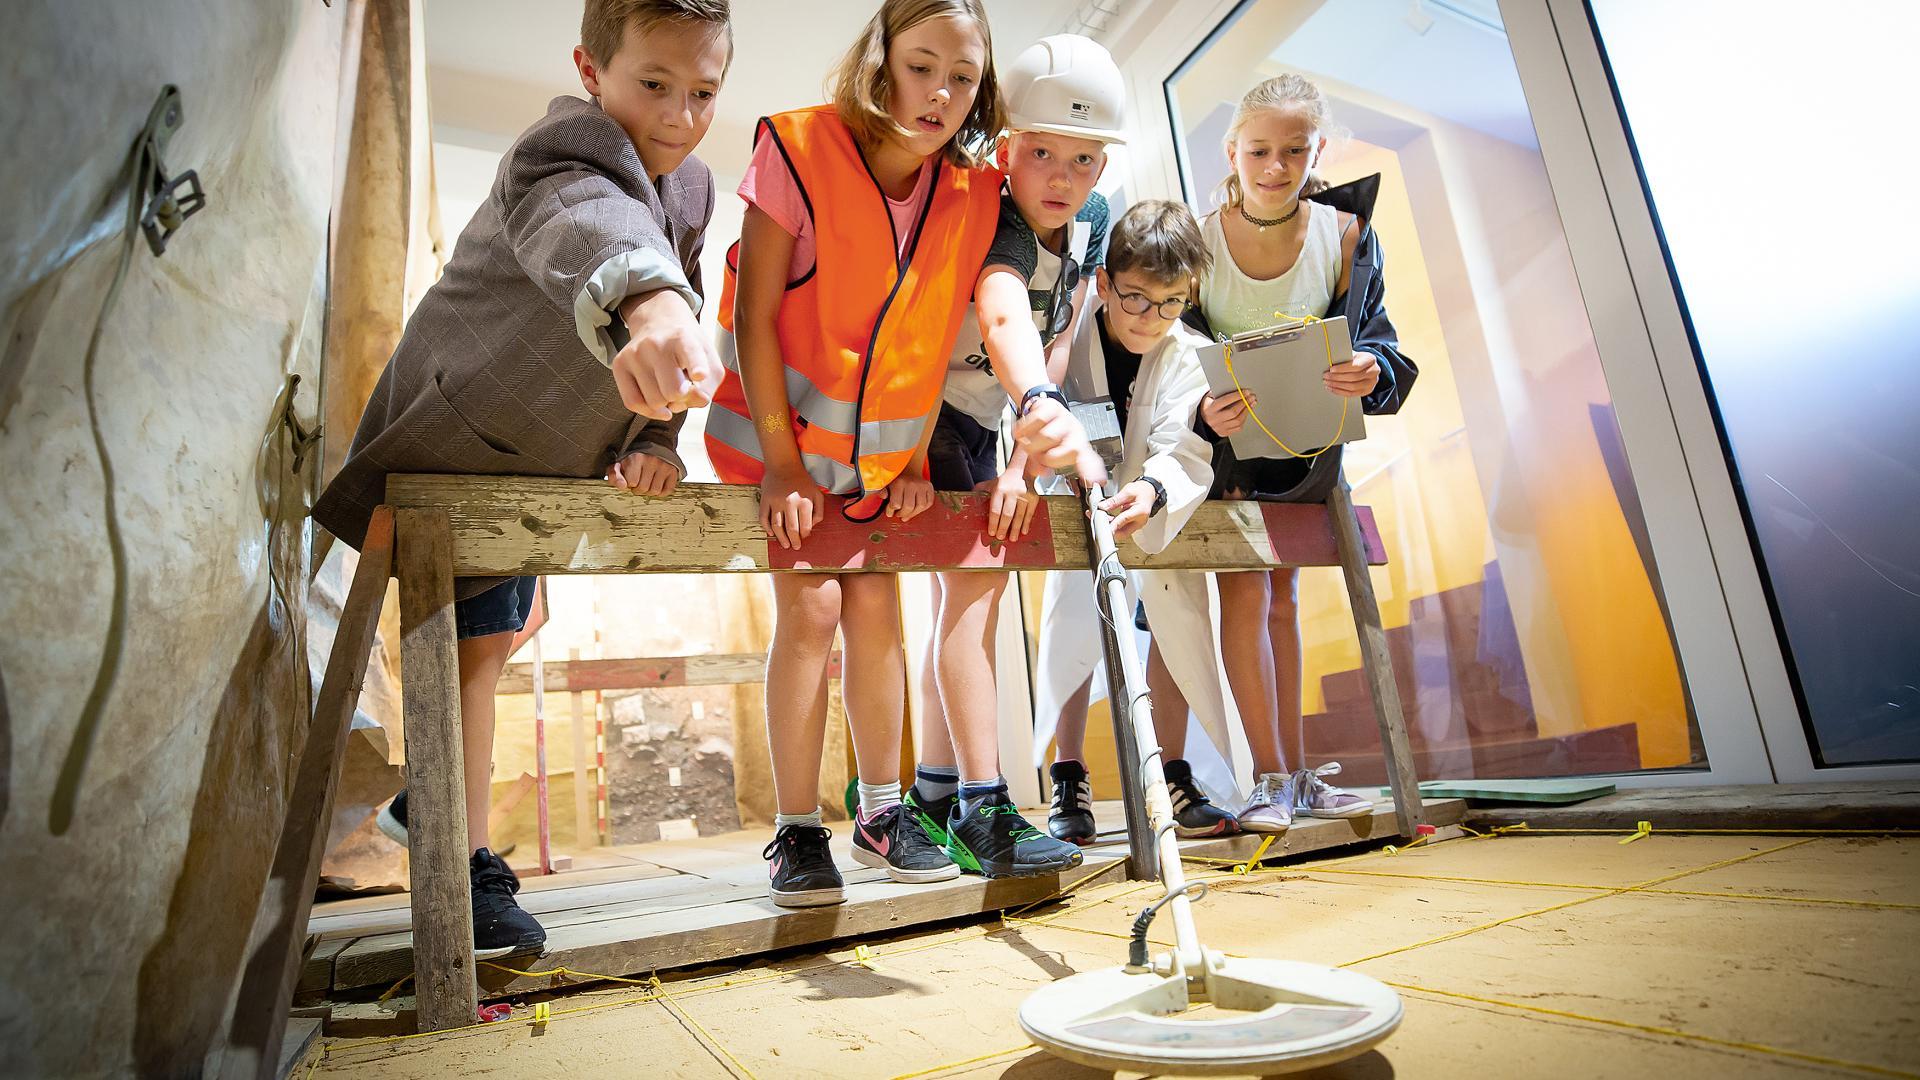 Mehrere Kinder suchen mit einem Metalldetektor einen Schatz.